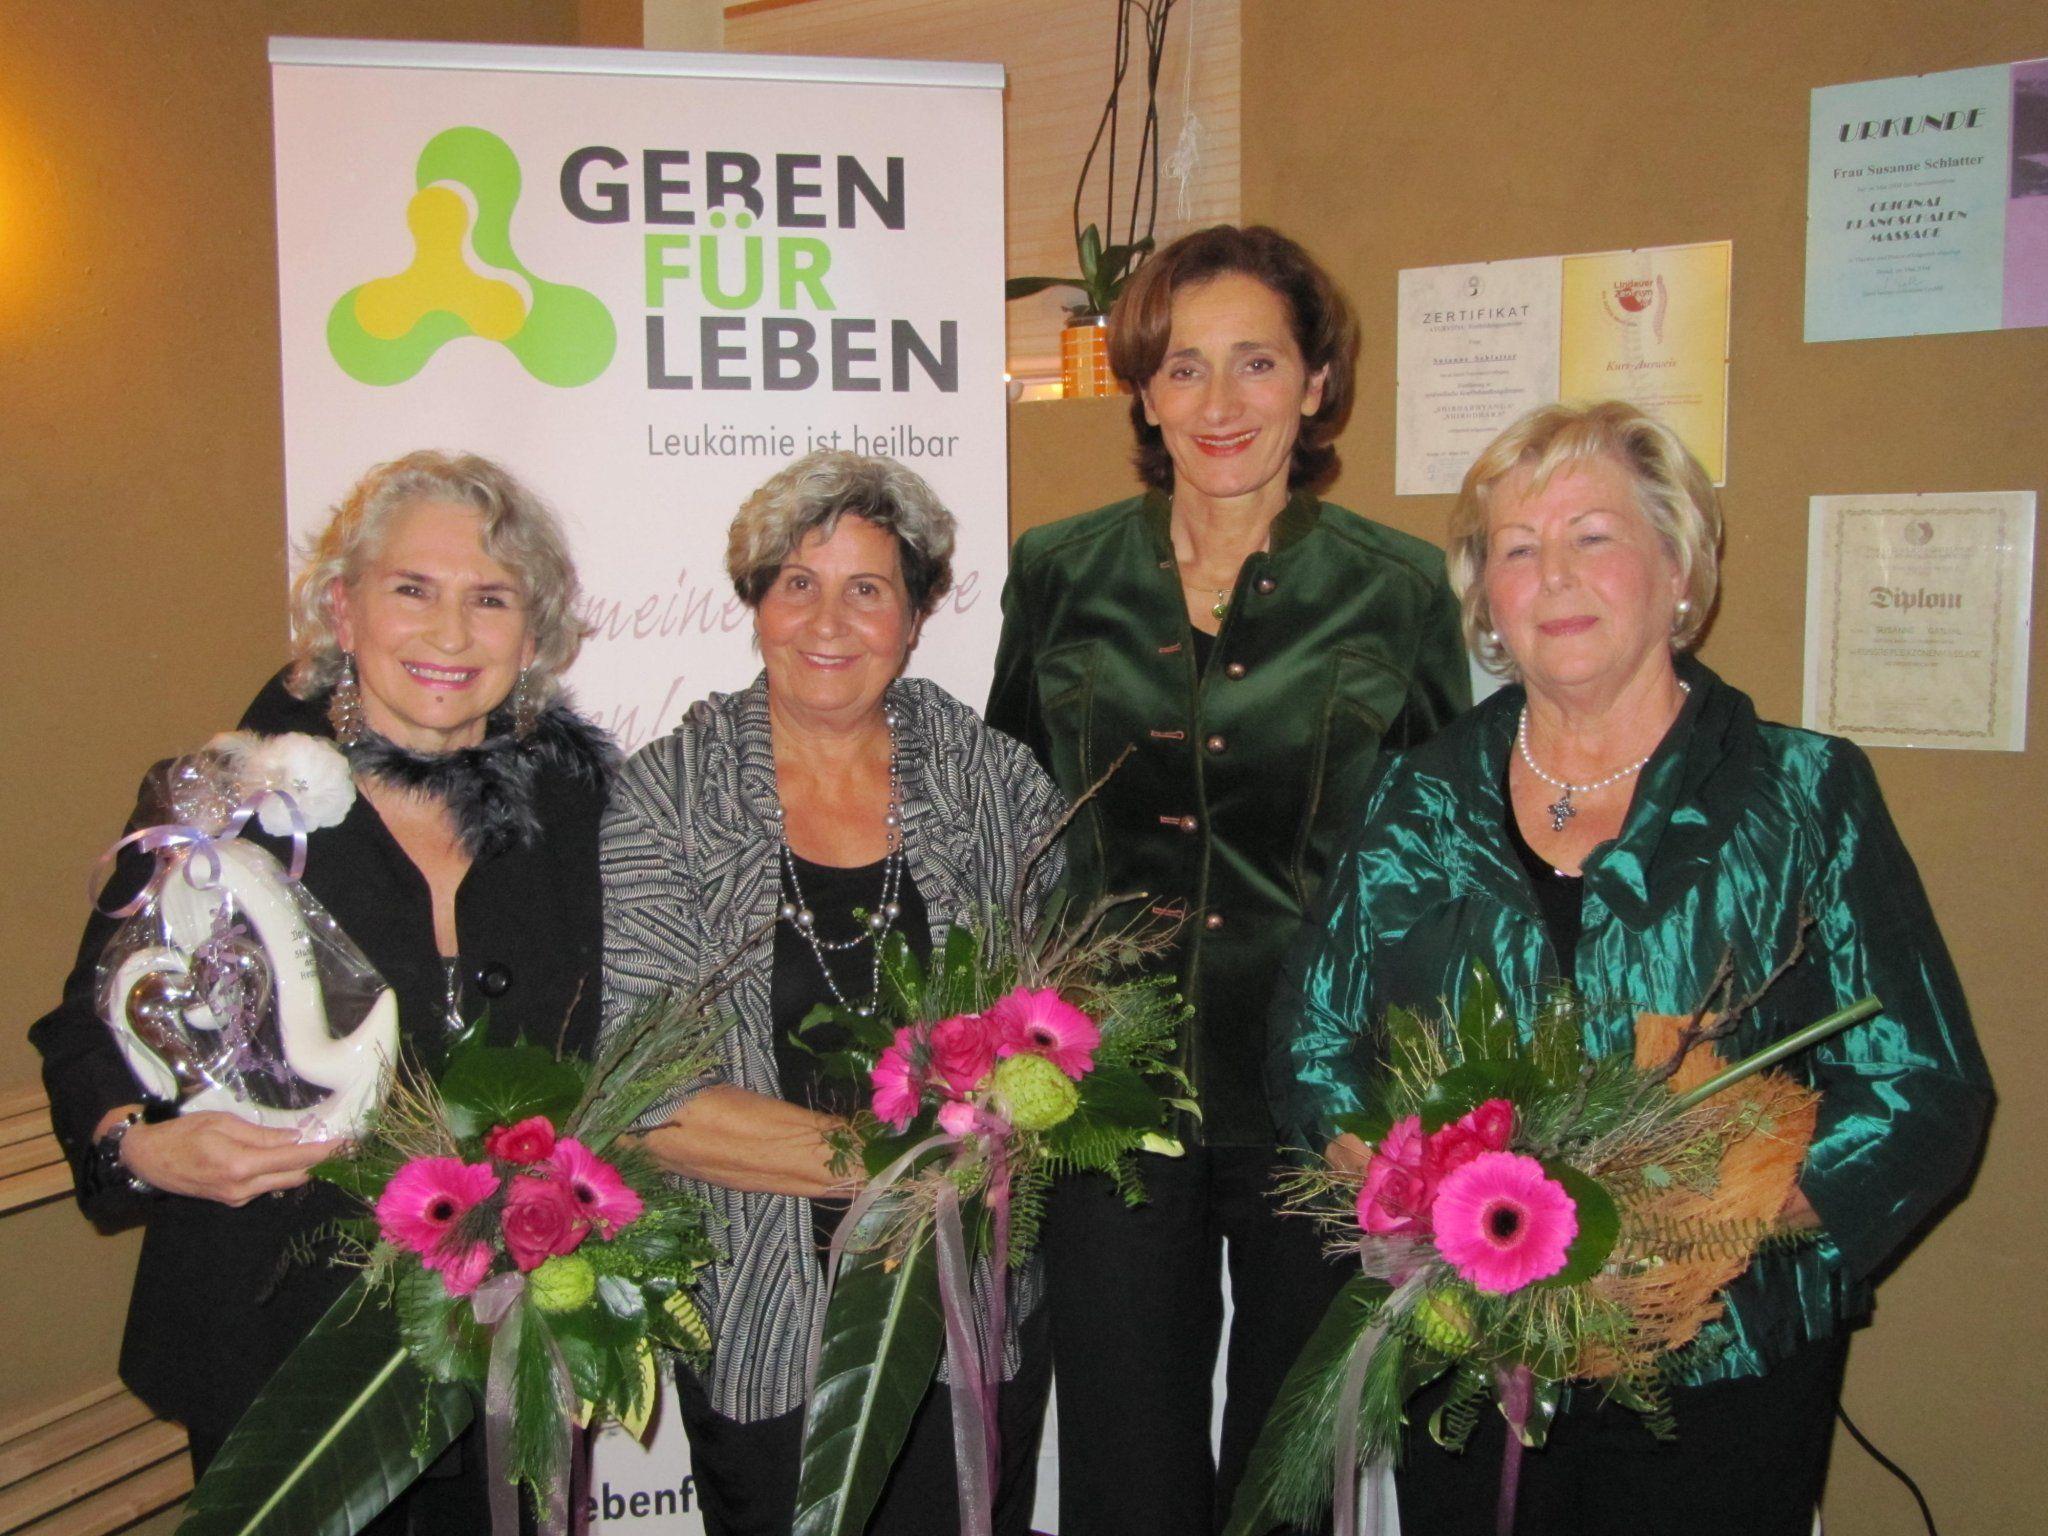 Dagmar Ganahl, Herlinde Marosch und Melitta Mair wurden von LT-Präsidentin geehrt.